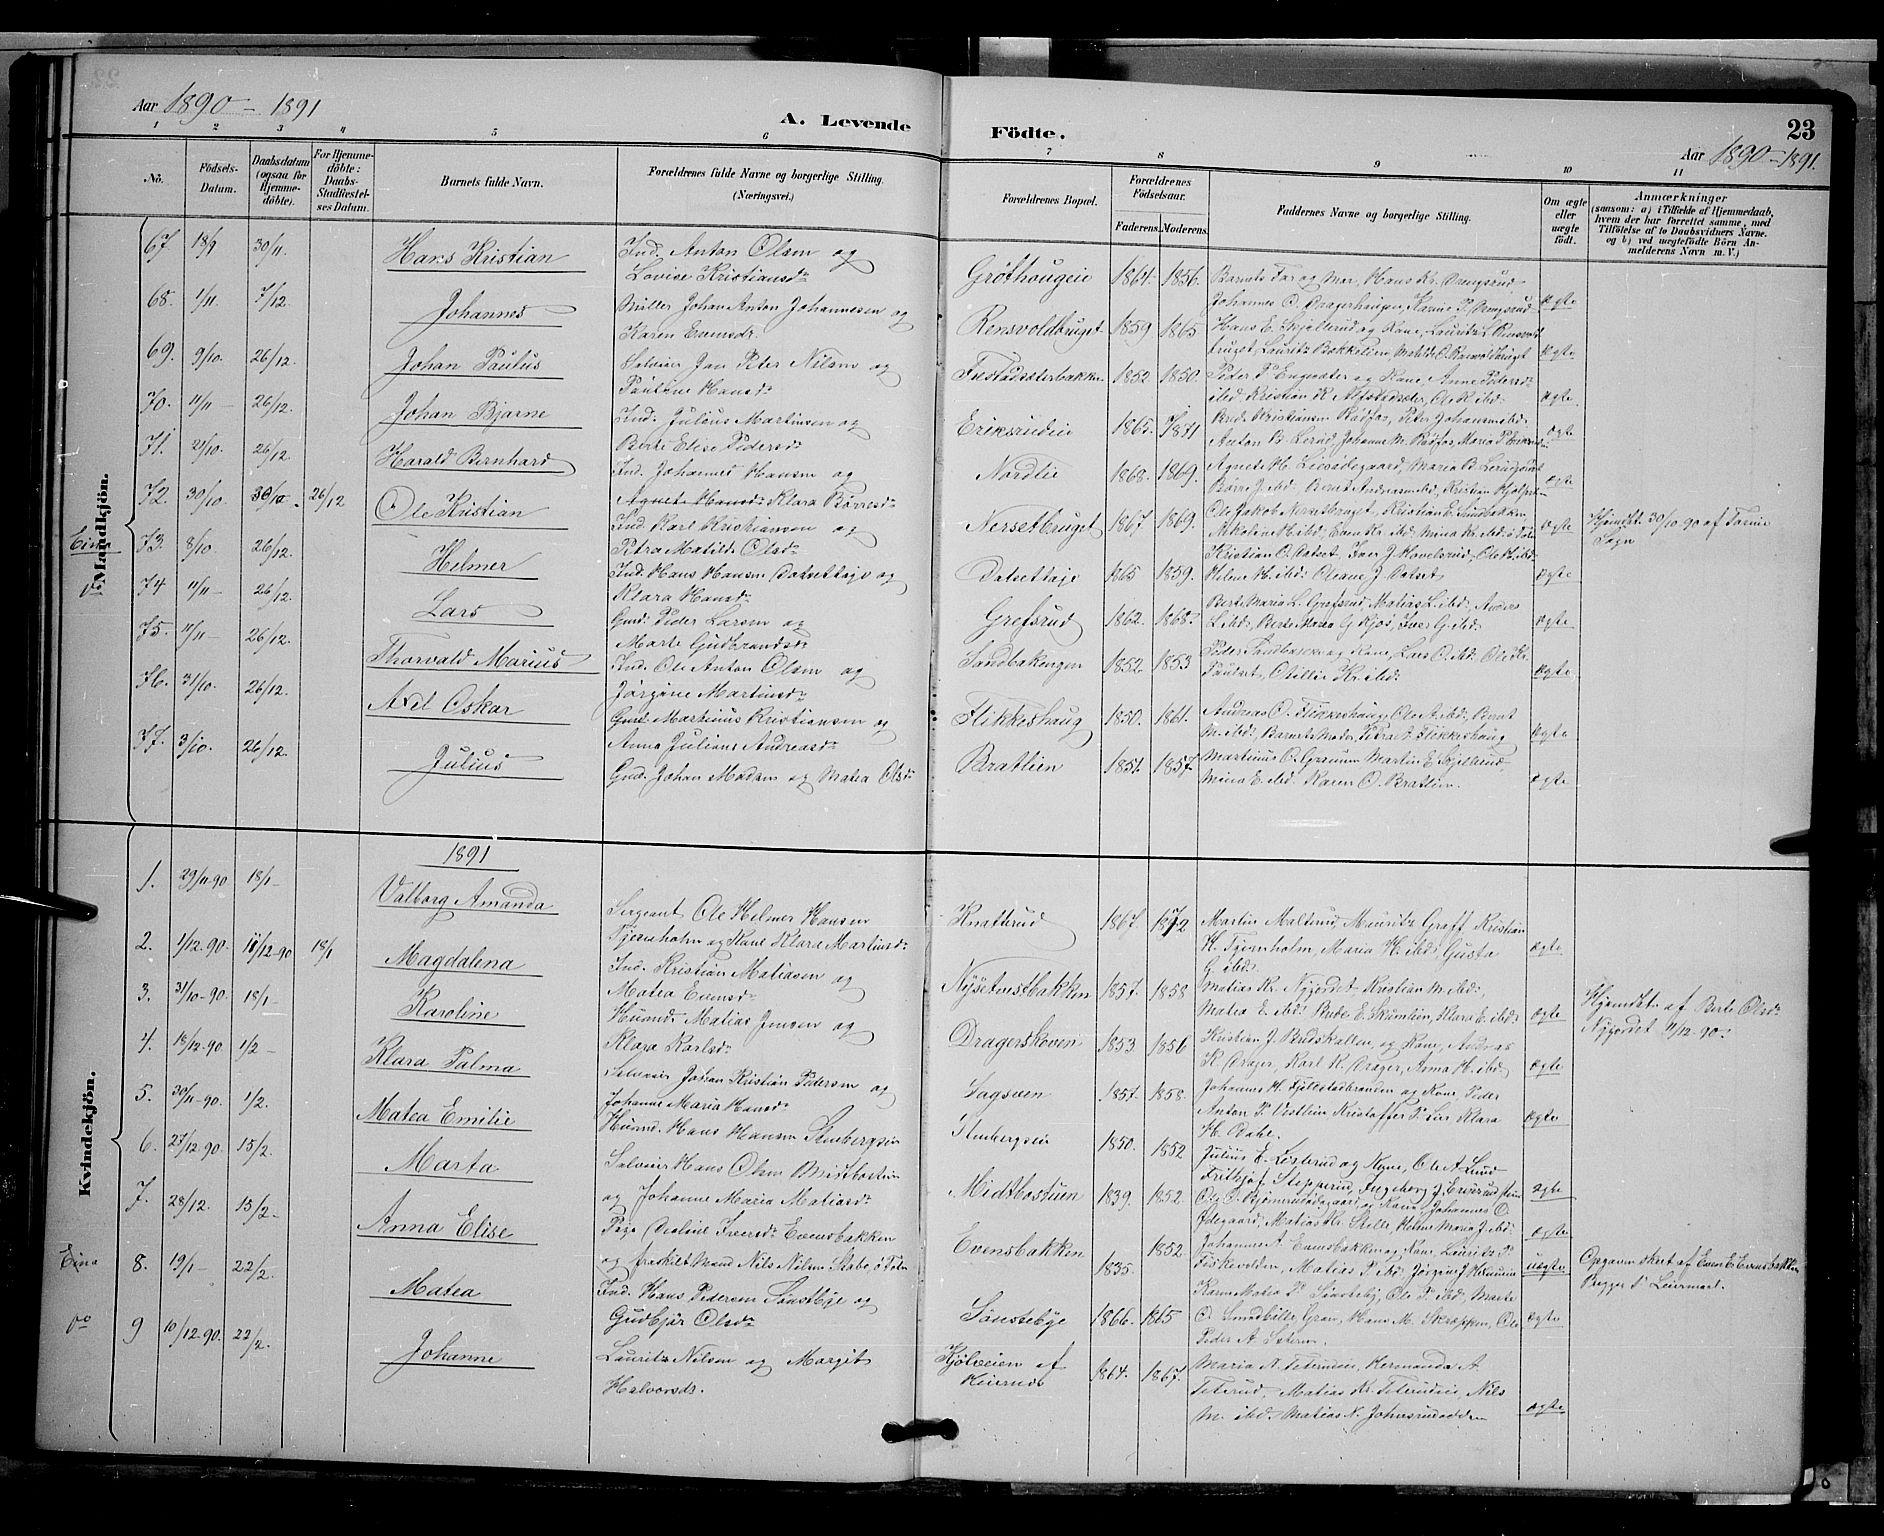 SAH, Vestre Toten prestekontor, H/Ha/Hab/L0009: Klokkerbok nr. 9, 1888-1900, s. 23